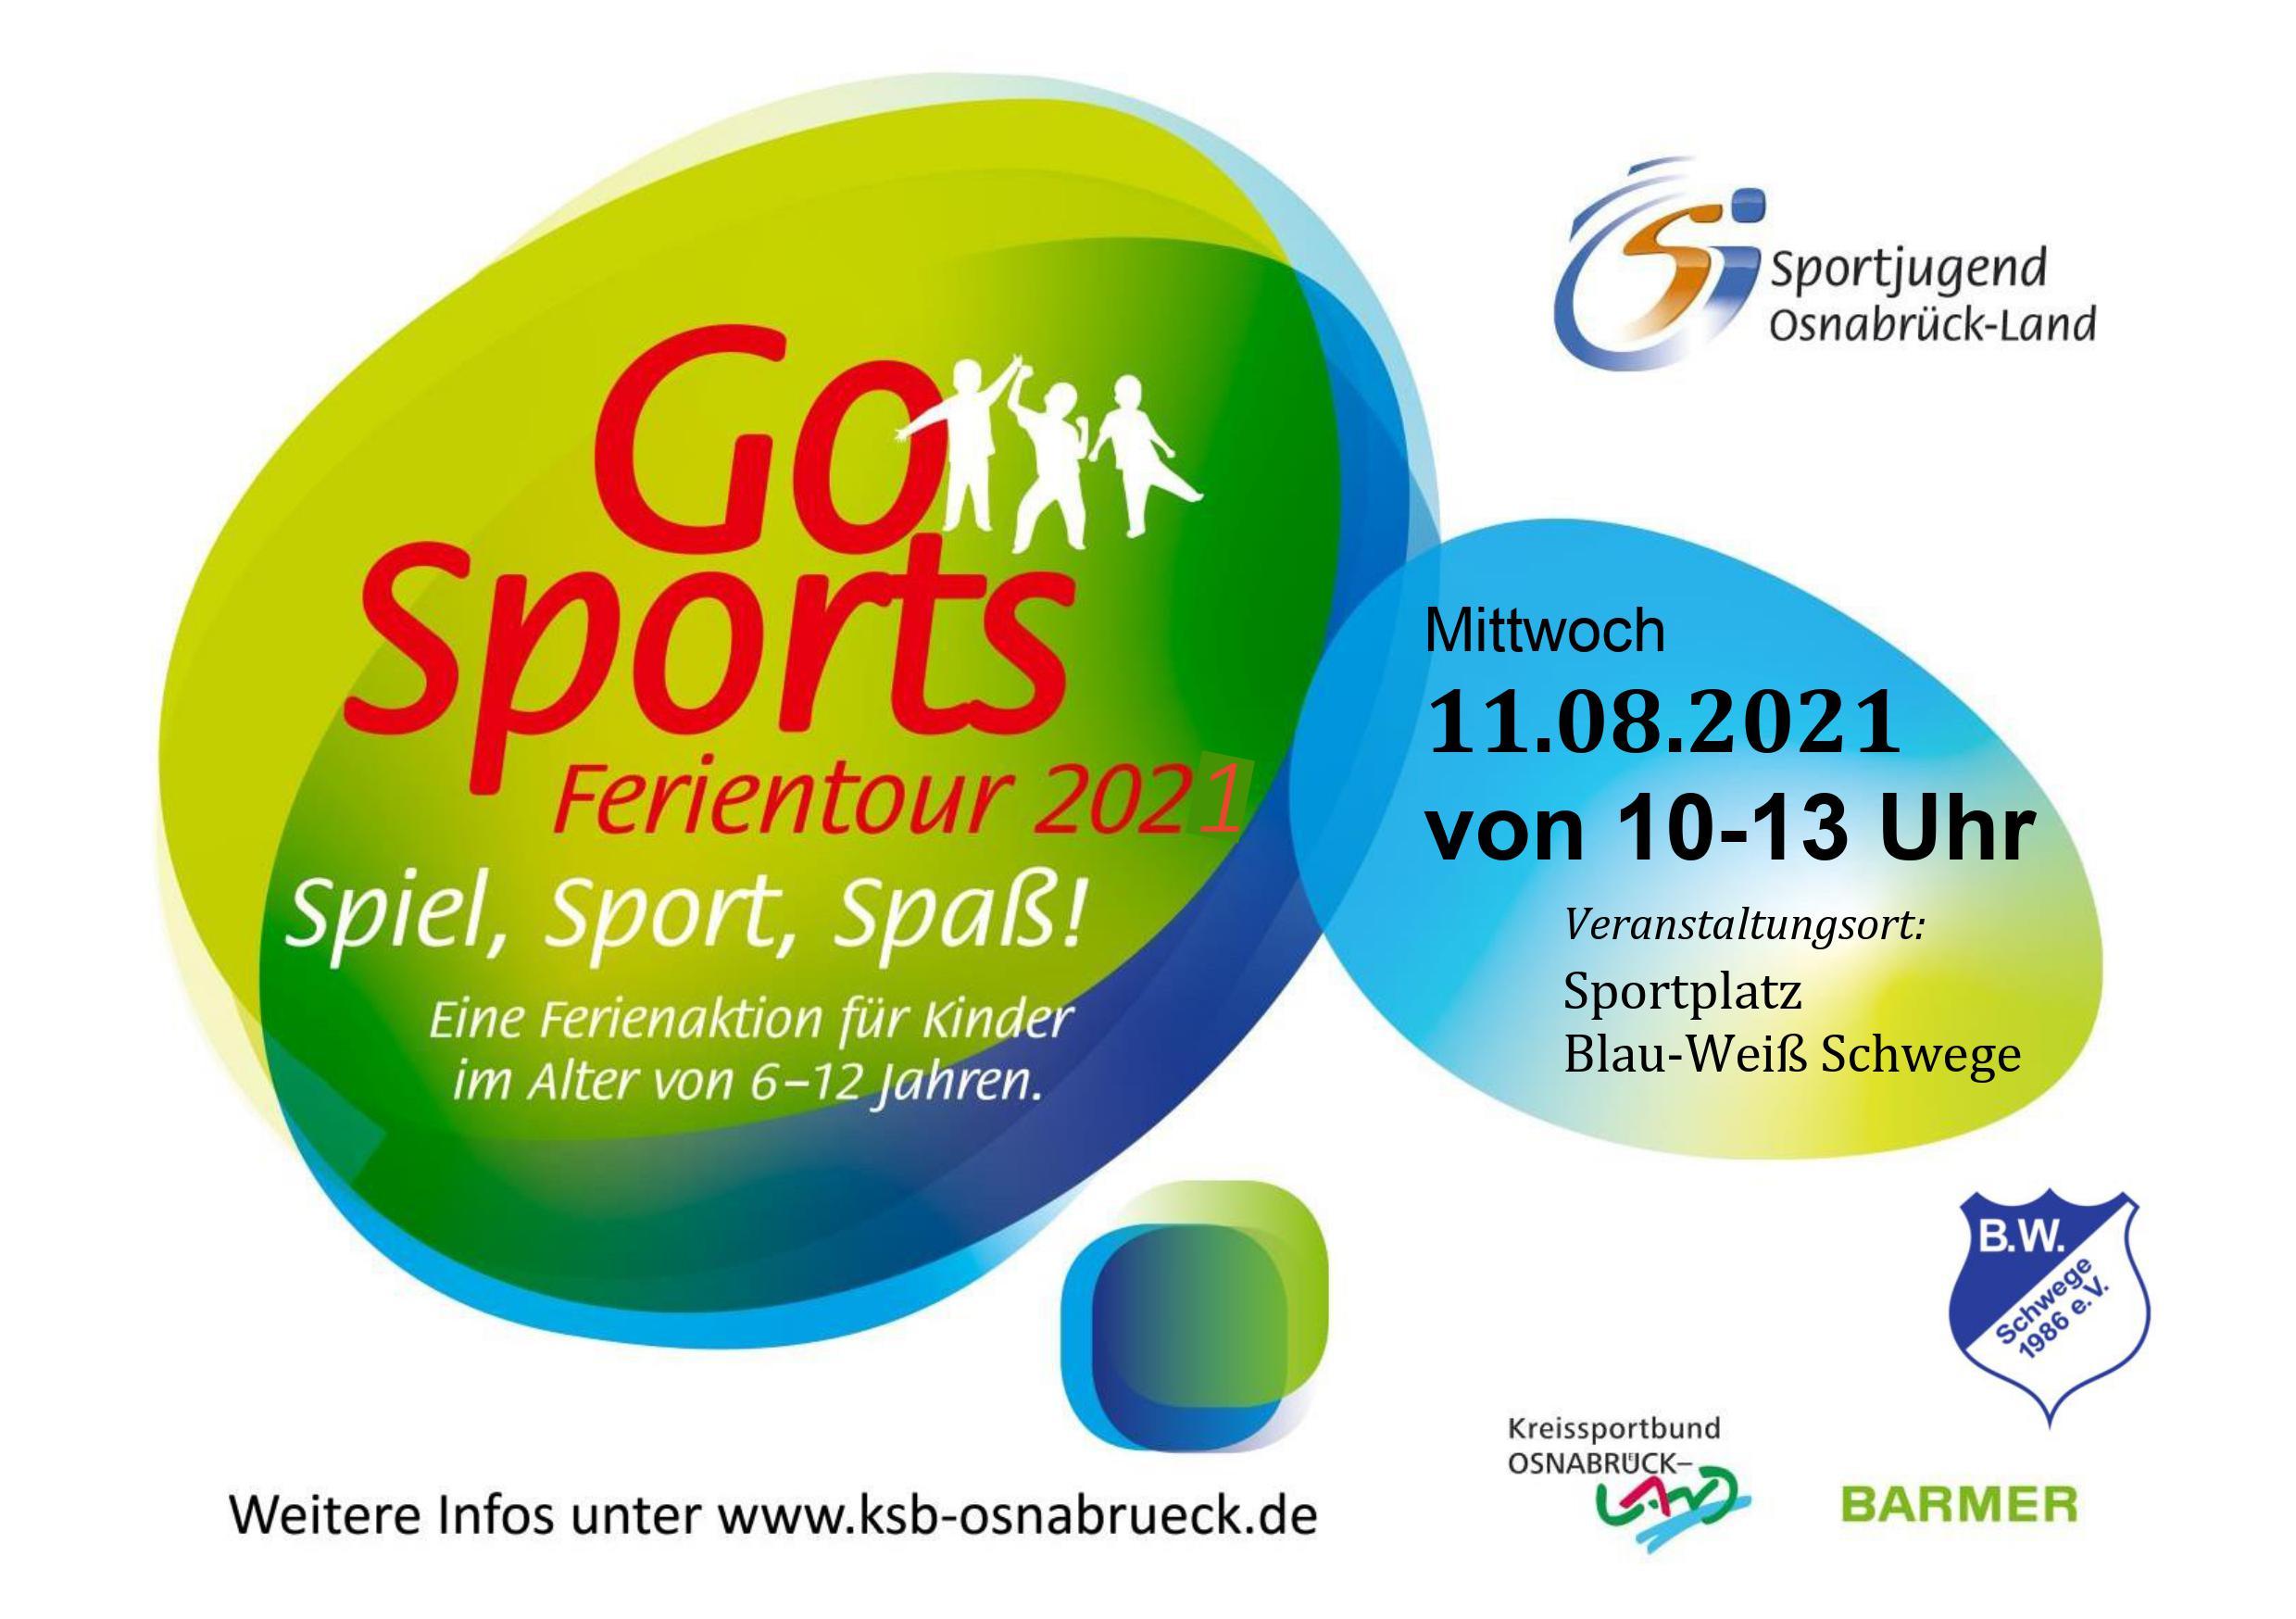 BW_Schwege_GoSports_Tour_2021